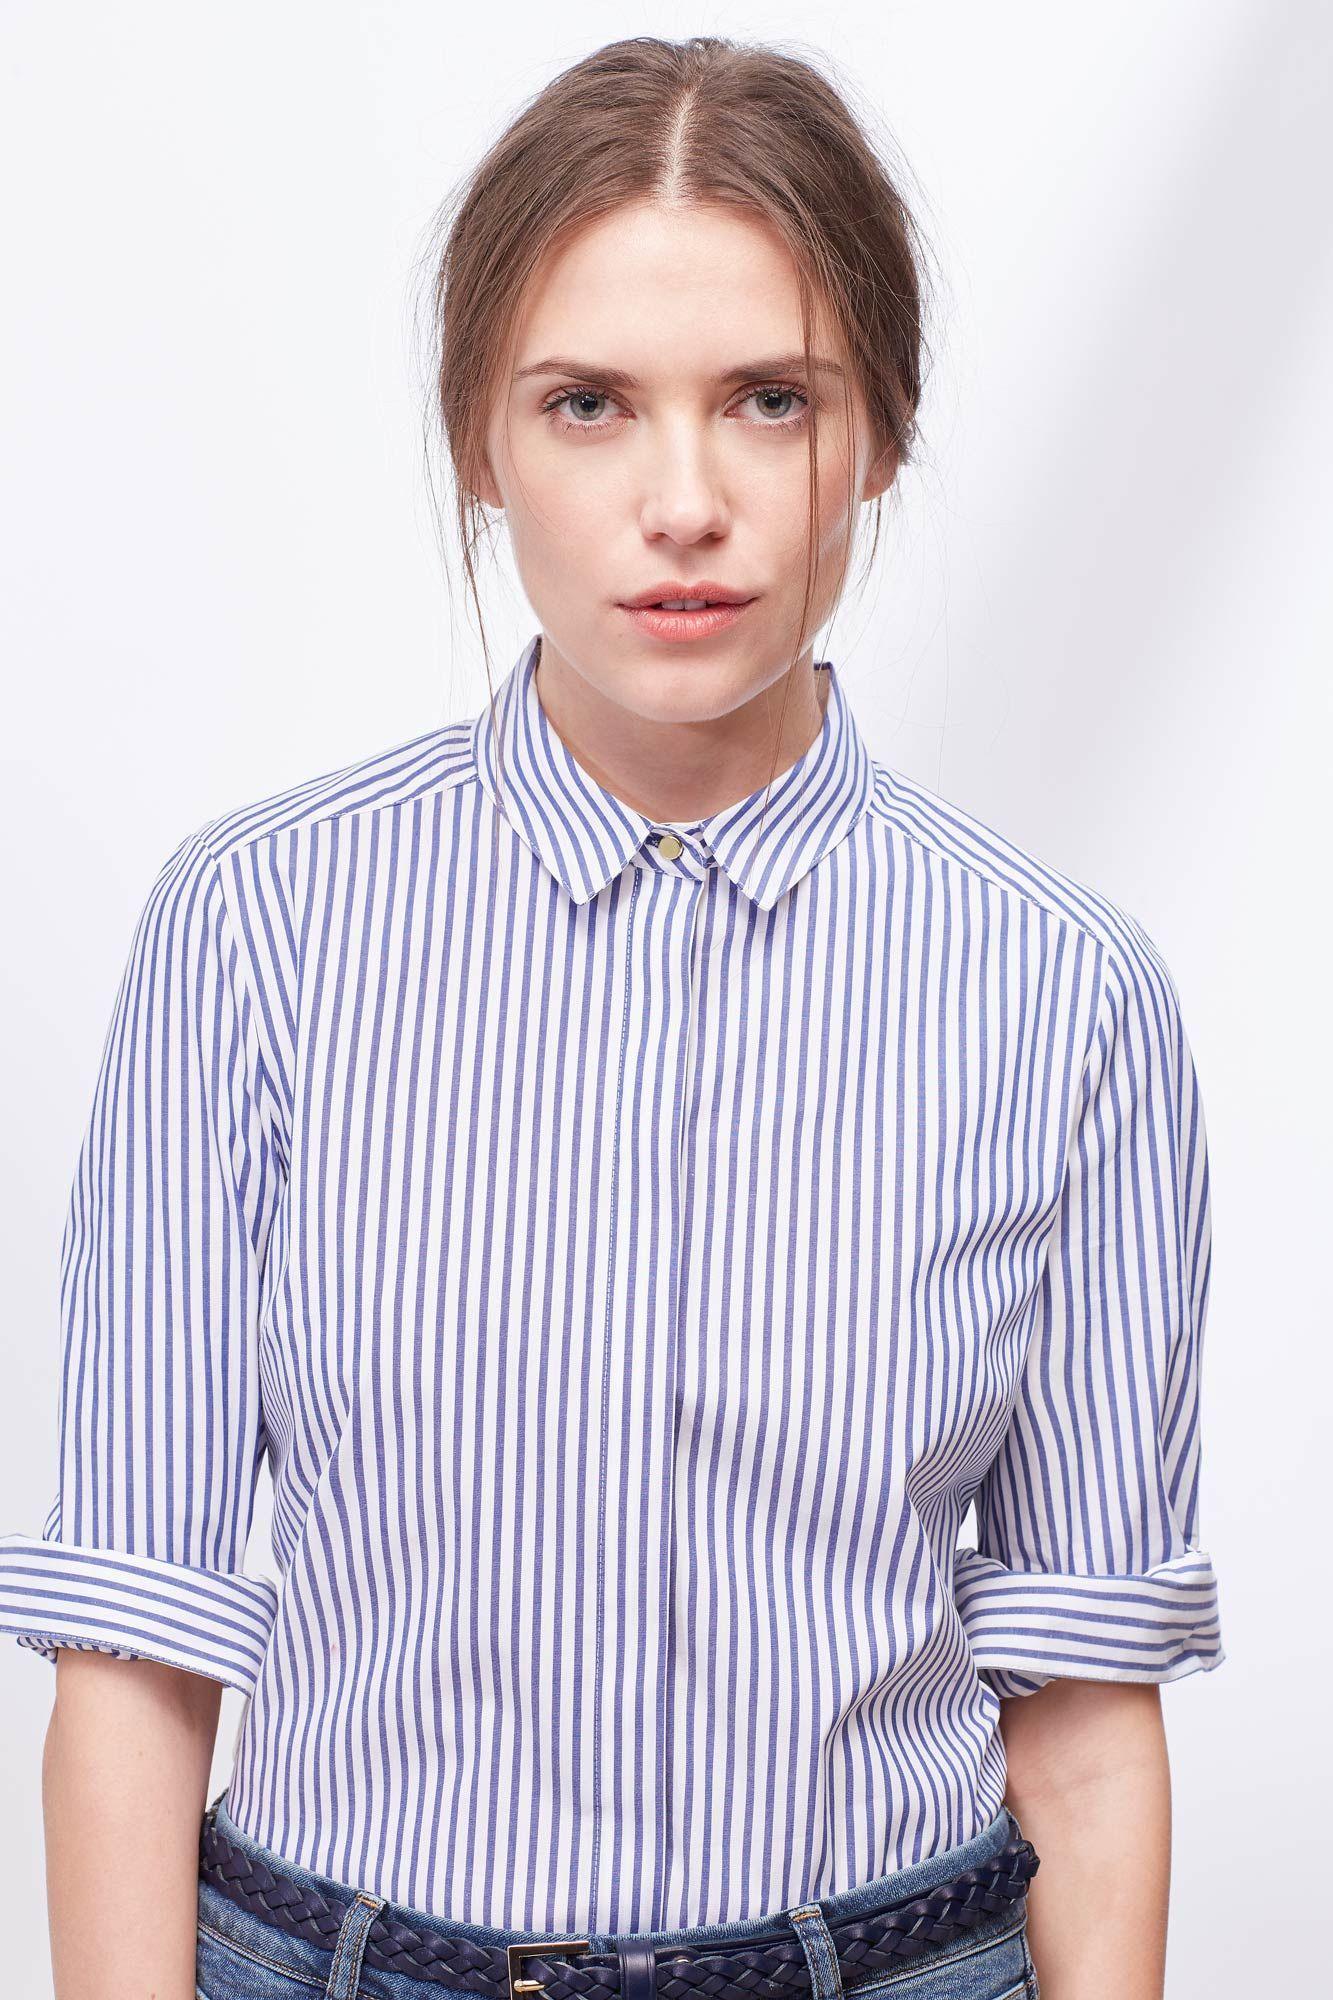 Camisa Vestir Blusas Cortefiel Camisa Vestido Camisas Formales Blusa Vestido